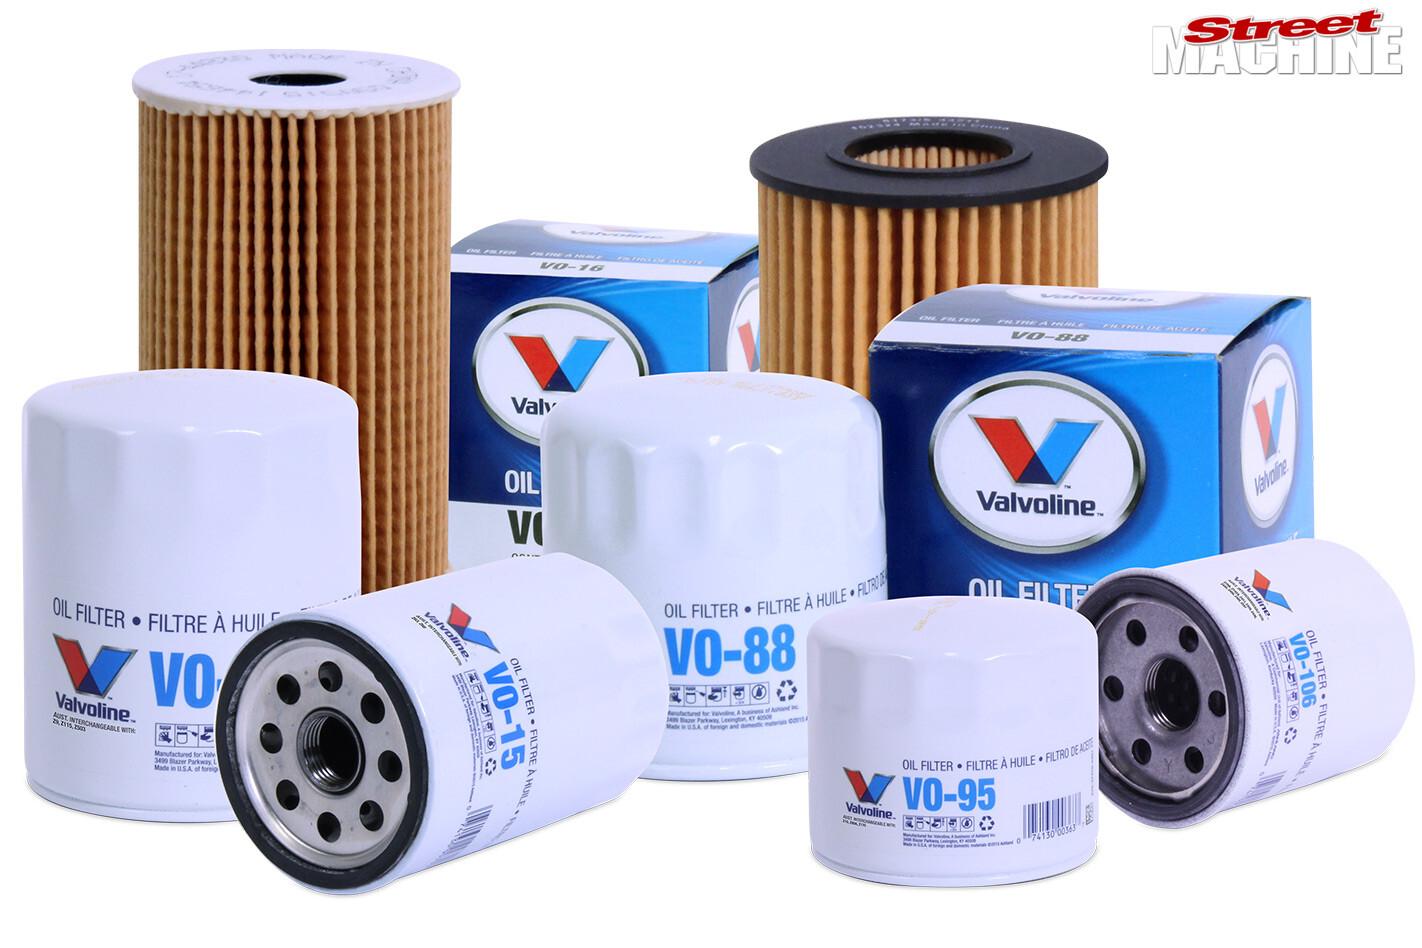 Valvoline oil filters